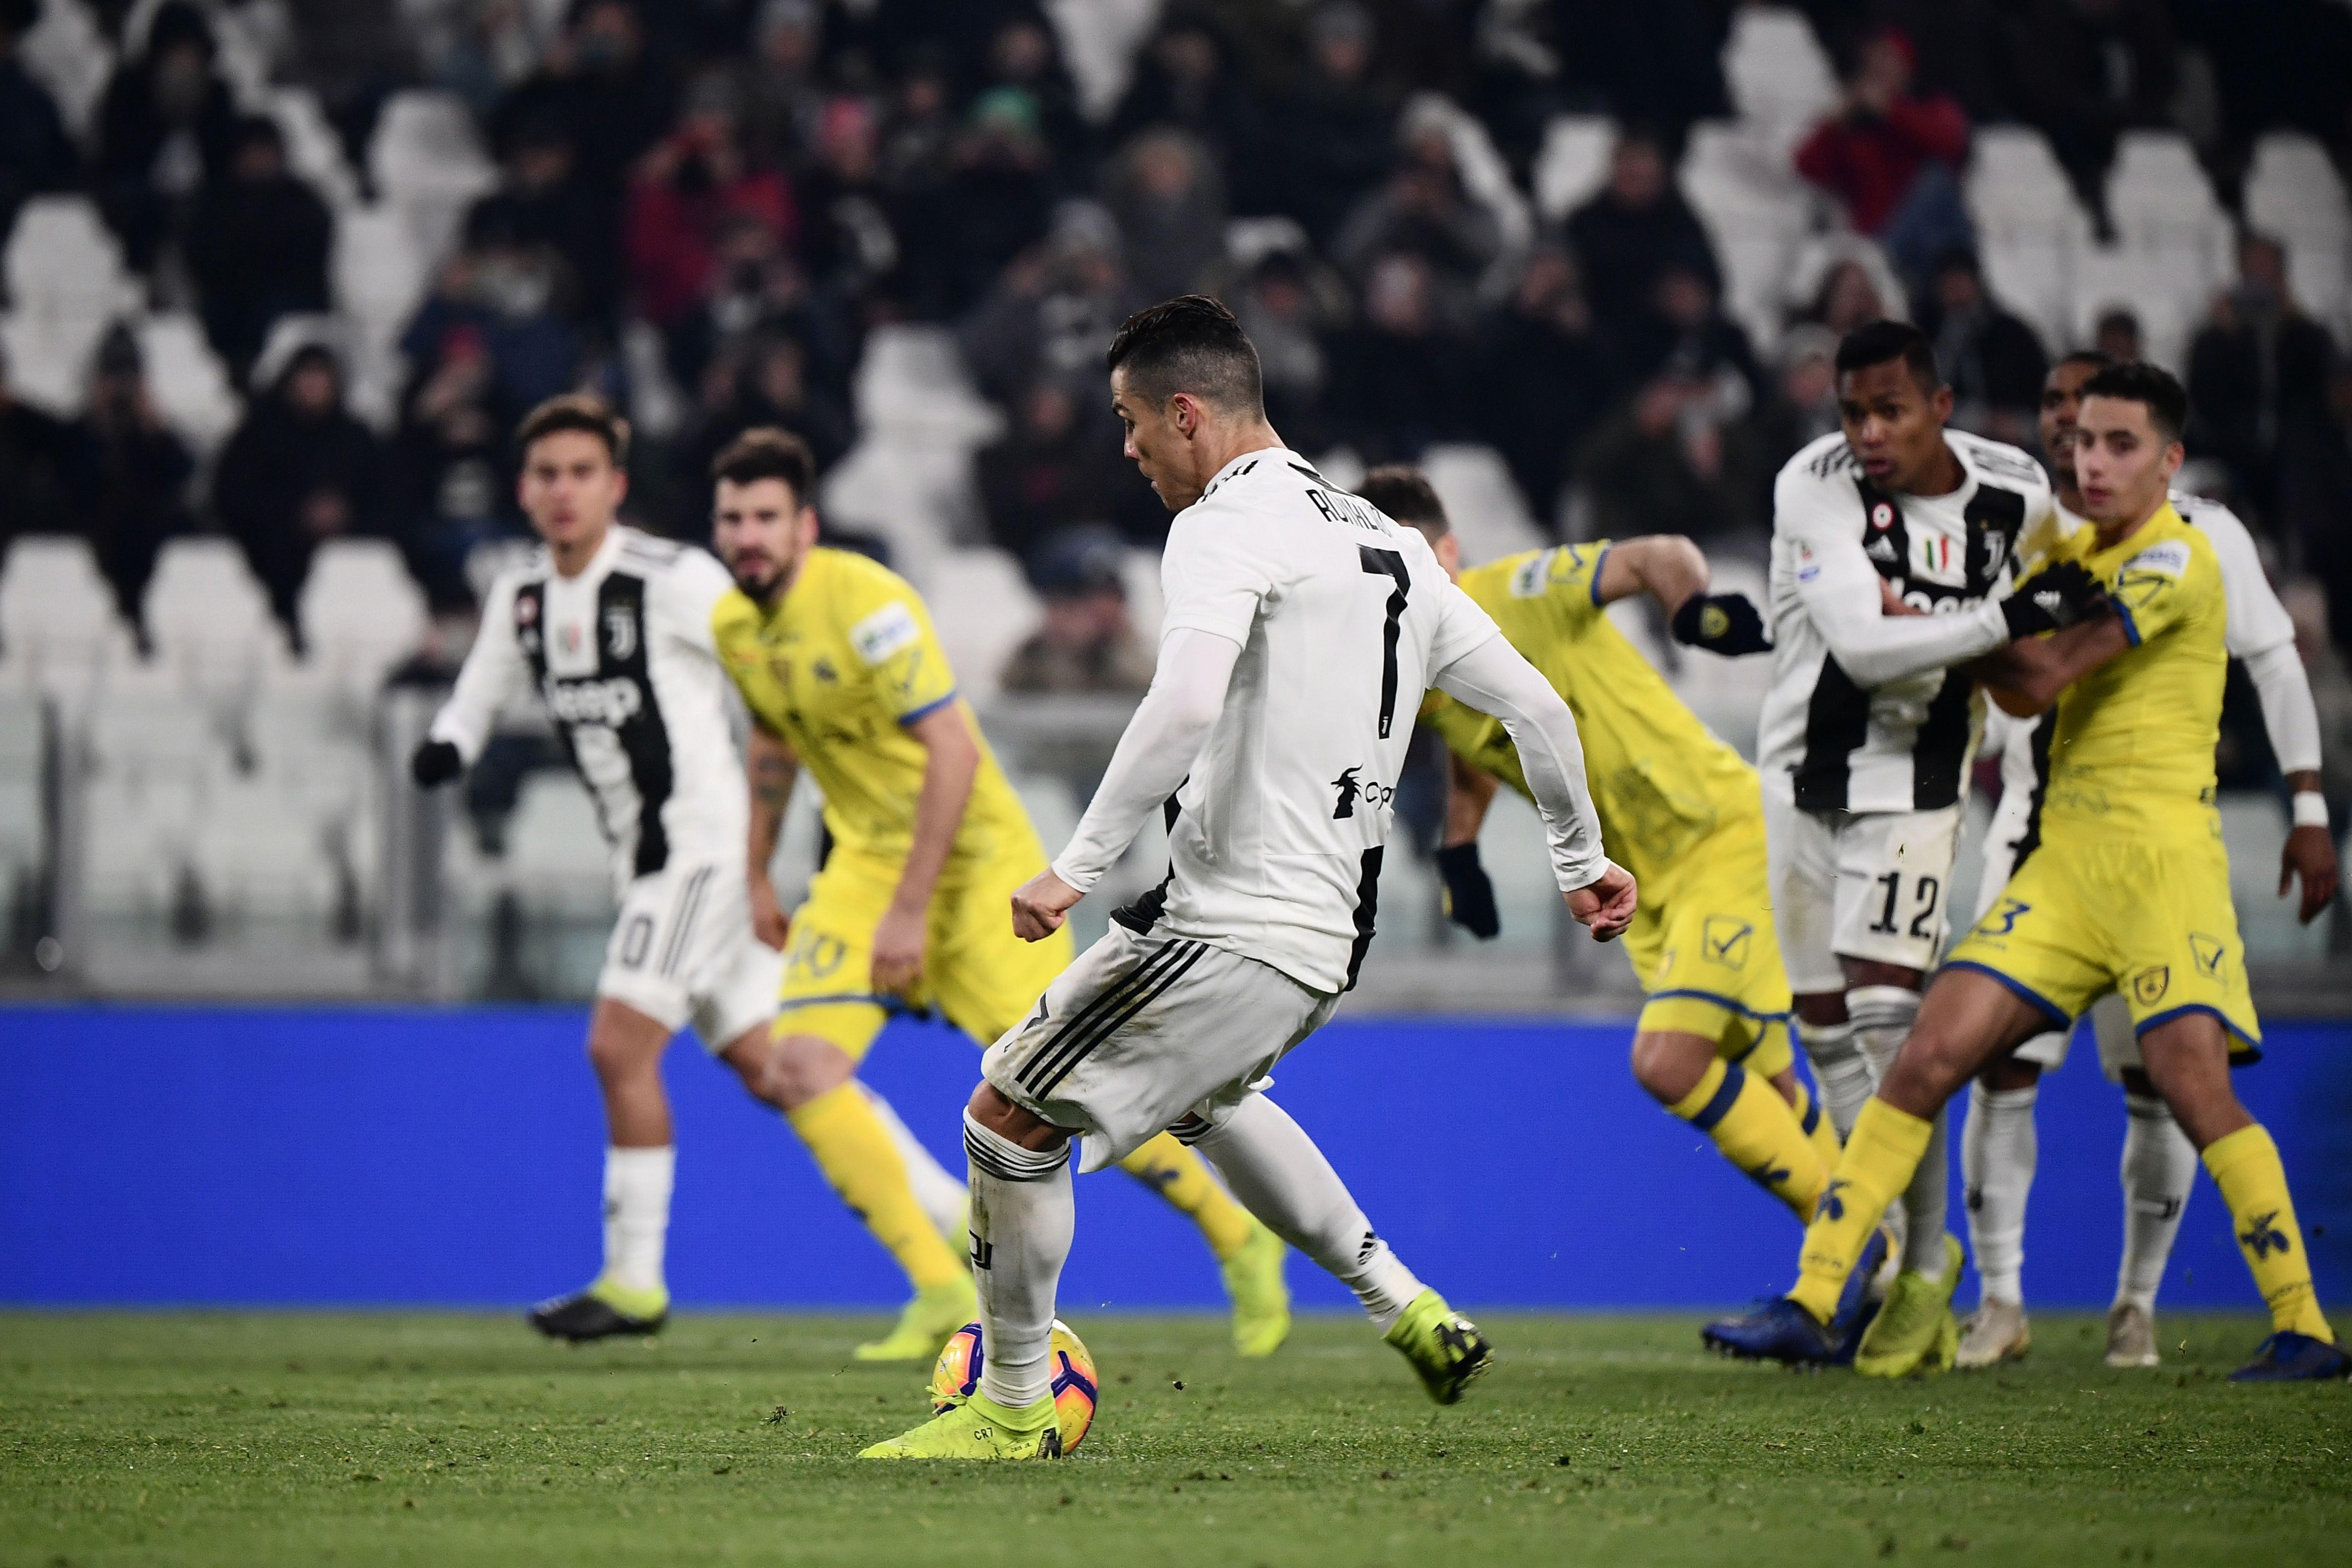 Tutto facile per la Juve nel posticipo che chiude la 20.ma giornata di Serie A. Allo Stadium la squadra di Allegri batte il fanalino di coda Chievo 3-0, riportando il Napoli a -9 dalla vetta della classifica. Gara facile per i bianconeri, che sbloccano il match con una magia di Douglas Costa al 13', raddoppiano con Emre Can al 45' e chiudono i conti con Rugani all'84'. Serata storta per Ronaldo, che al 52' si fa parare un rigore da Sorrentino.